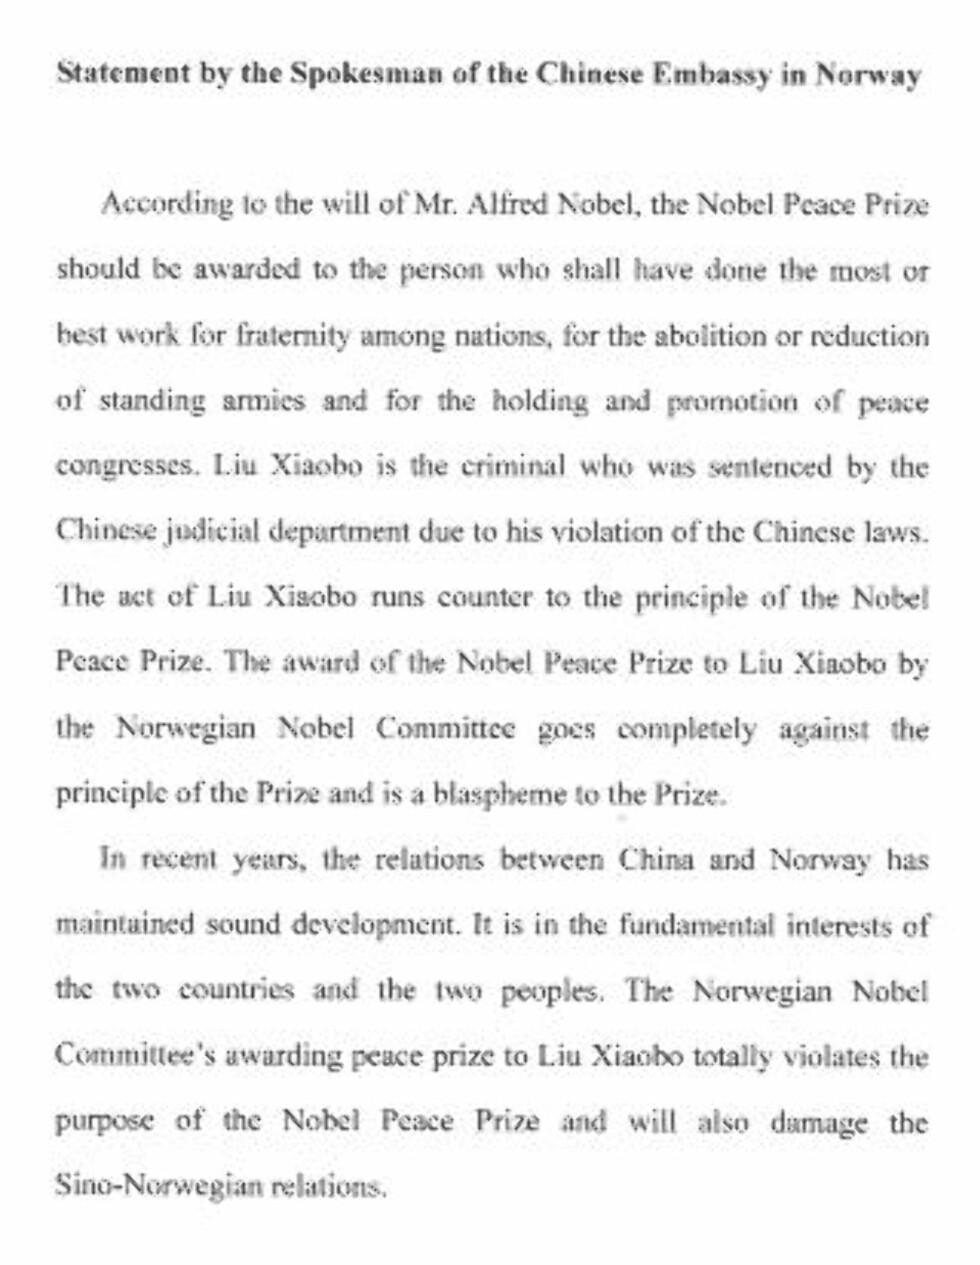 KRASST UTFALL: Ambassaden legger ikke fingrene imellom i sin offisielle uttalelse om fredspristildelingen. Faksimile: Uttalelsen fra den kinesiske ambassaden i Norge